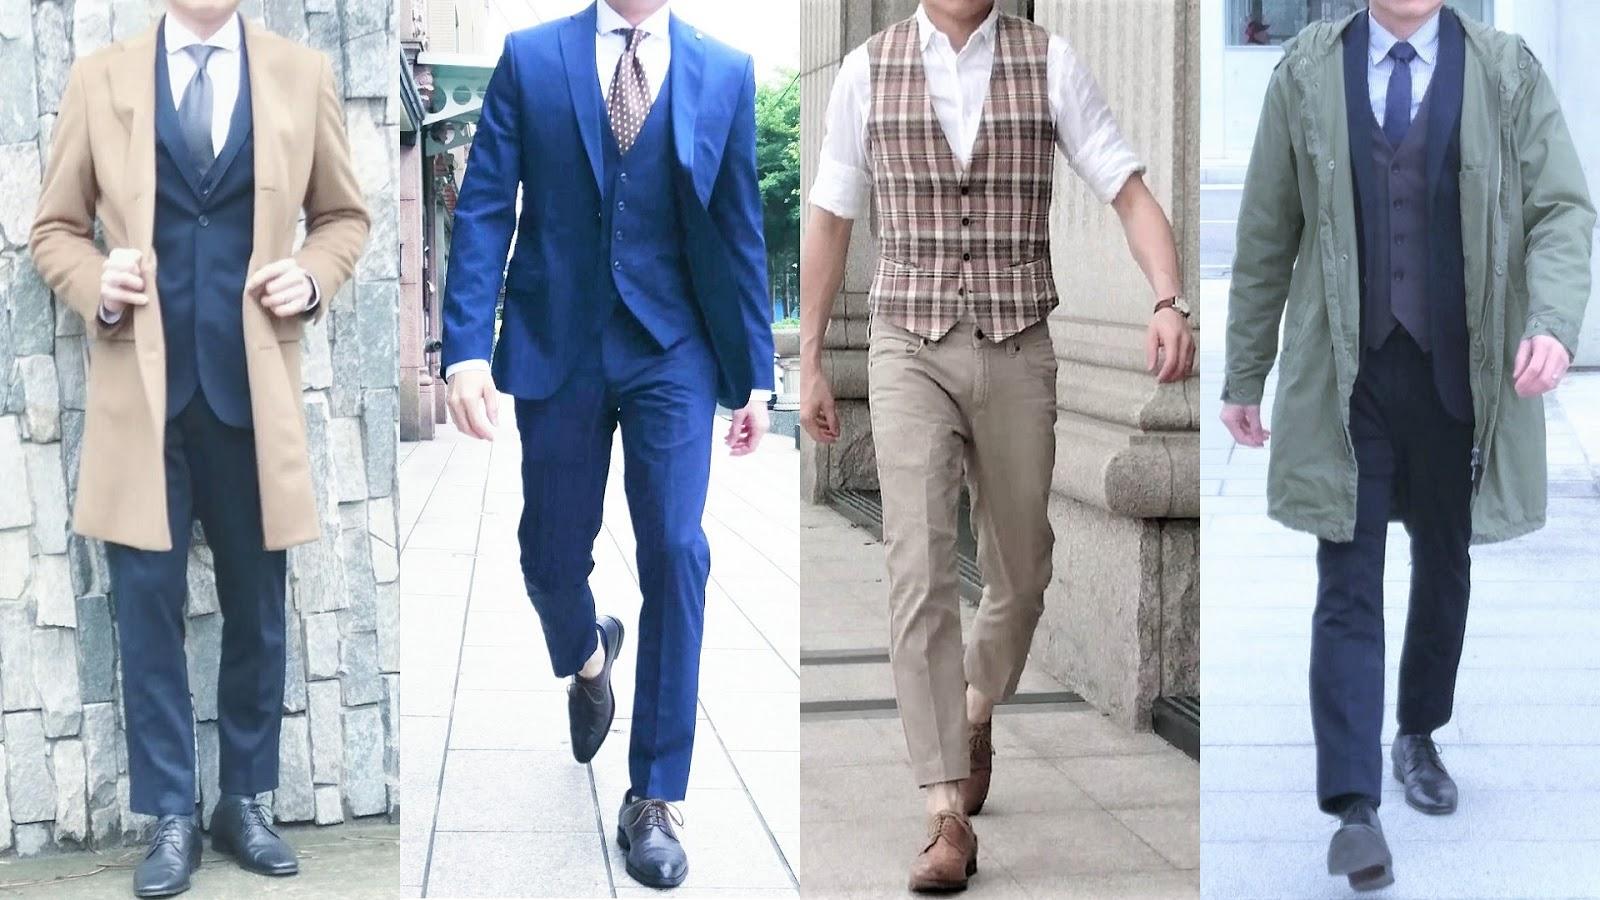 依適用場合的不同,為大家介紹與示範三種不同但皆得體且超有型的上班族穿搭風格。